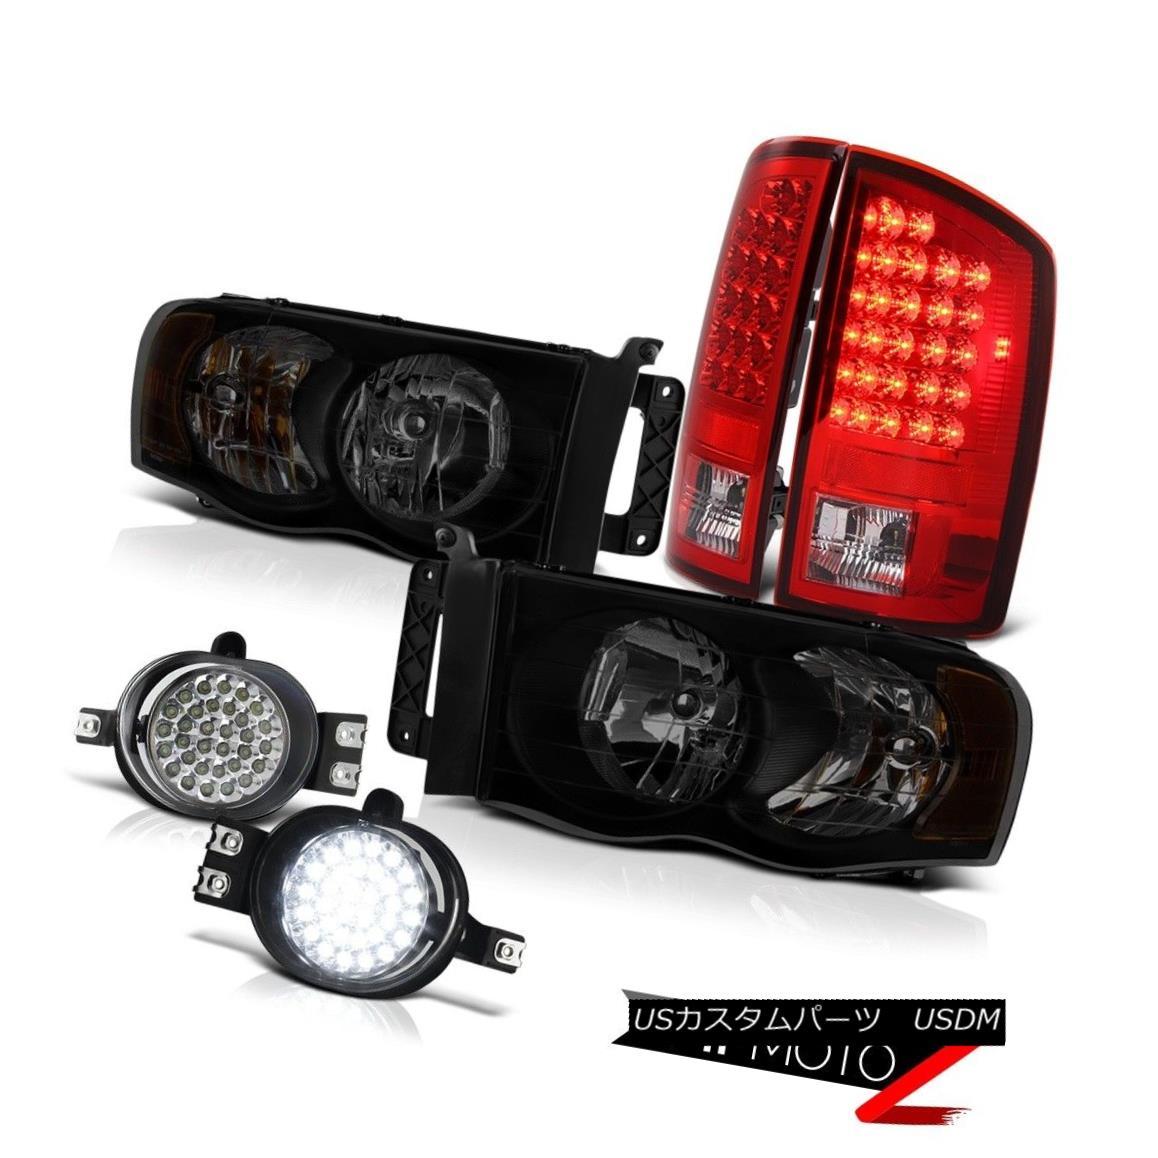 ヘッドライト 2003-2005 Dodge Ram 2500 5.7L Headlights Crystal Clear Foglamps Red Taillights 2003-2005 Dodge Ram 2500 5.7Lヘッドライトクリスタルクリアフォグランプレッドティール